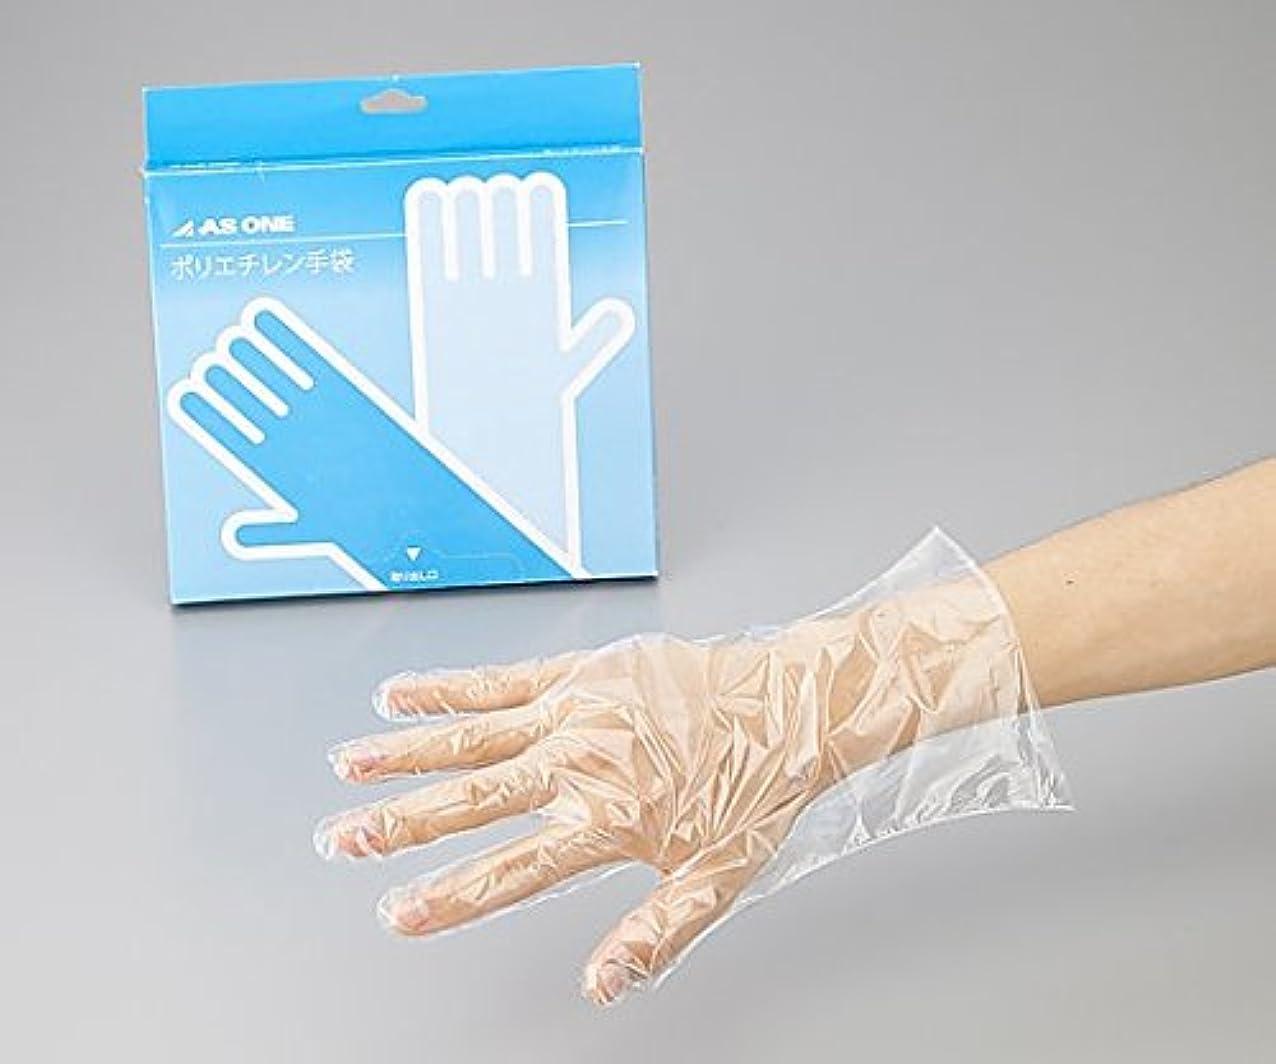 一節慢道路を作るプロセスアズワン2-4974-03ポリエチレン手袋ヘビー厚手S100枚入